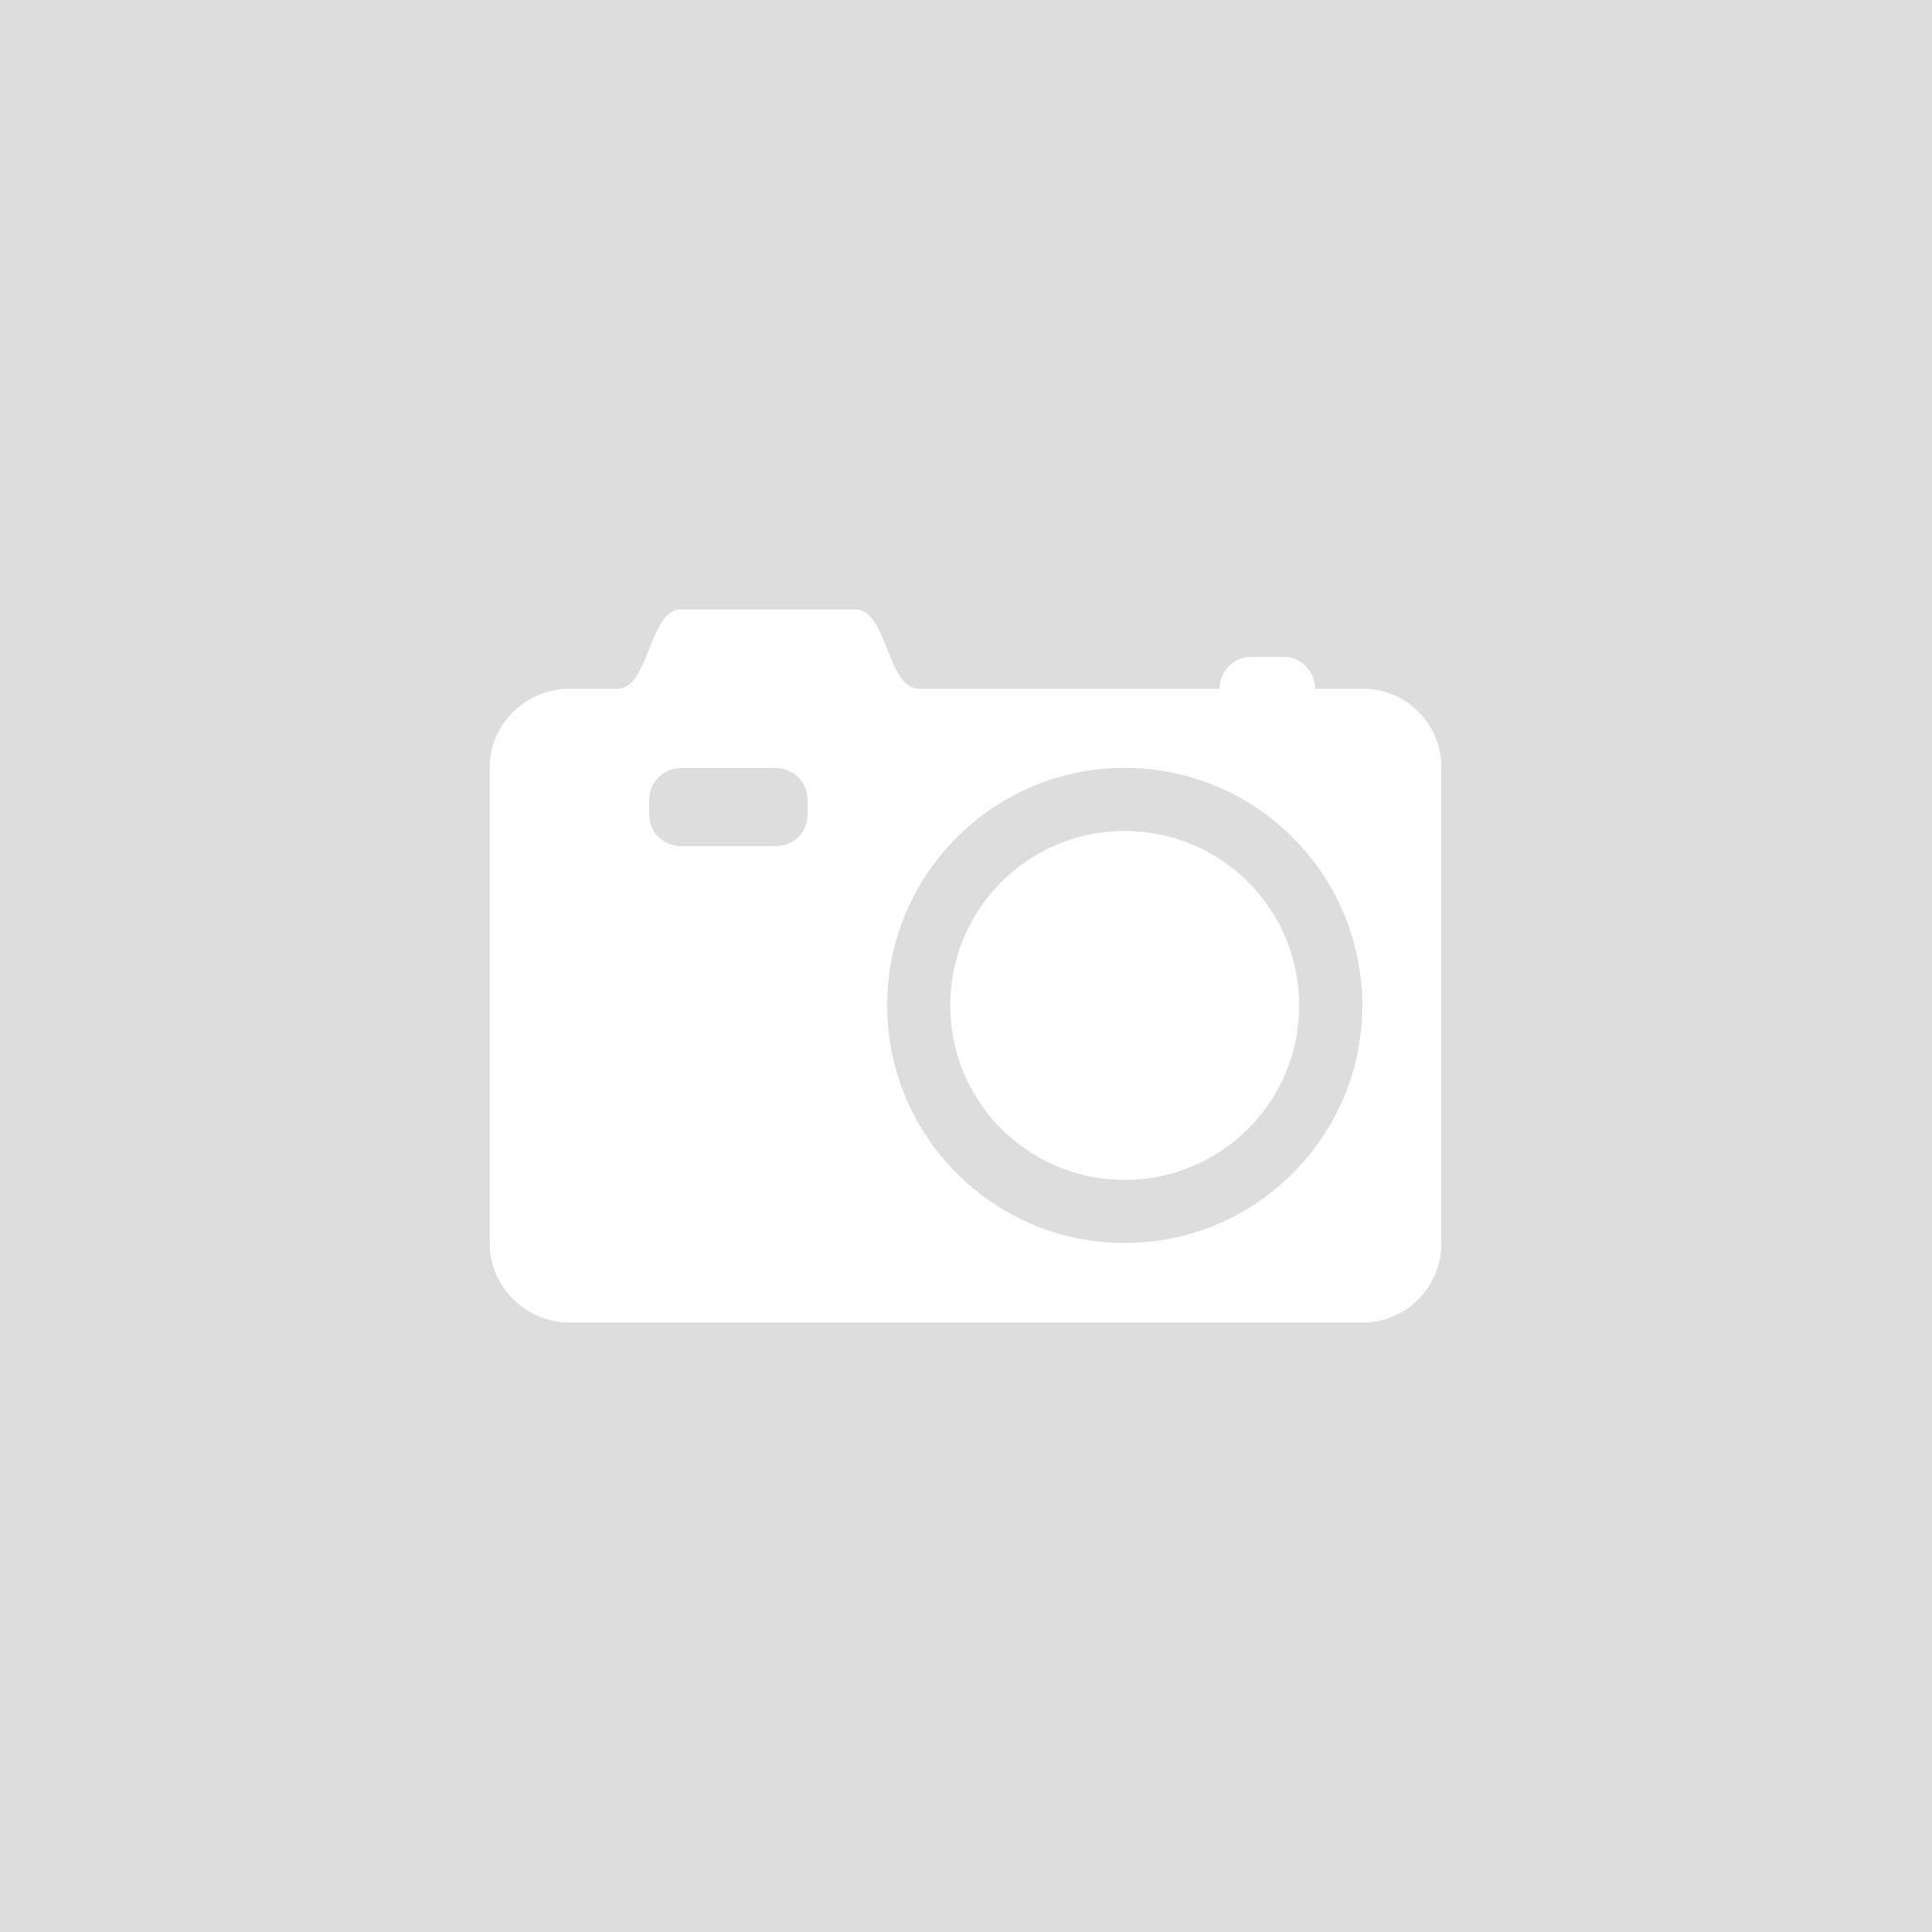 Luxe Matchstick White Textured Wallpaper by Rasch 317510